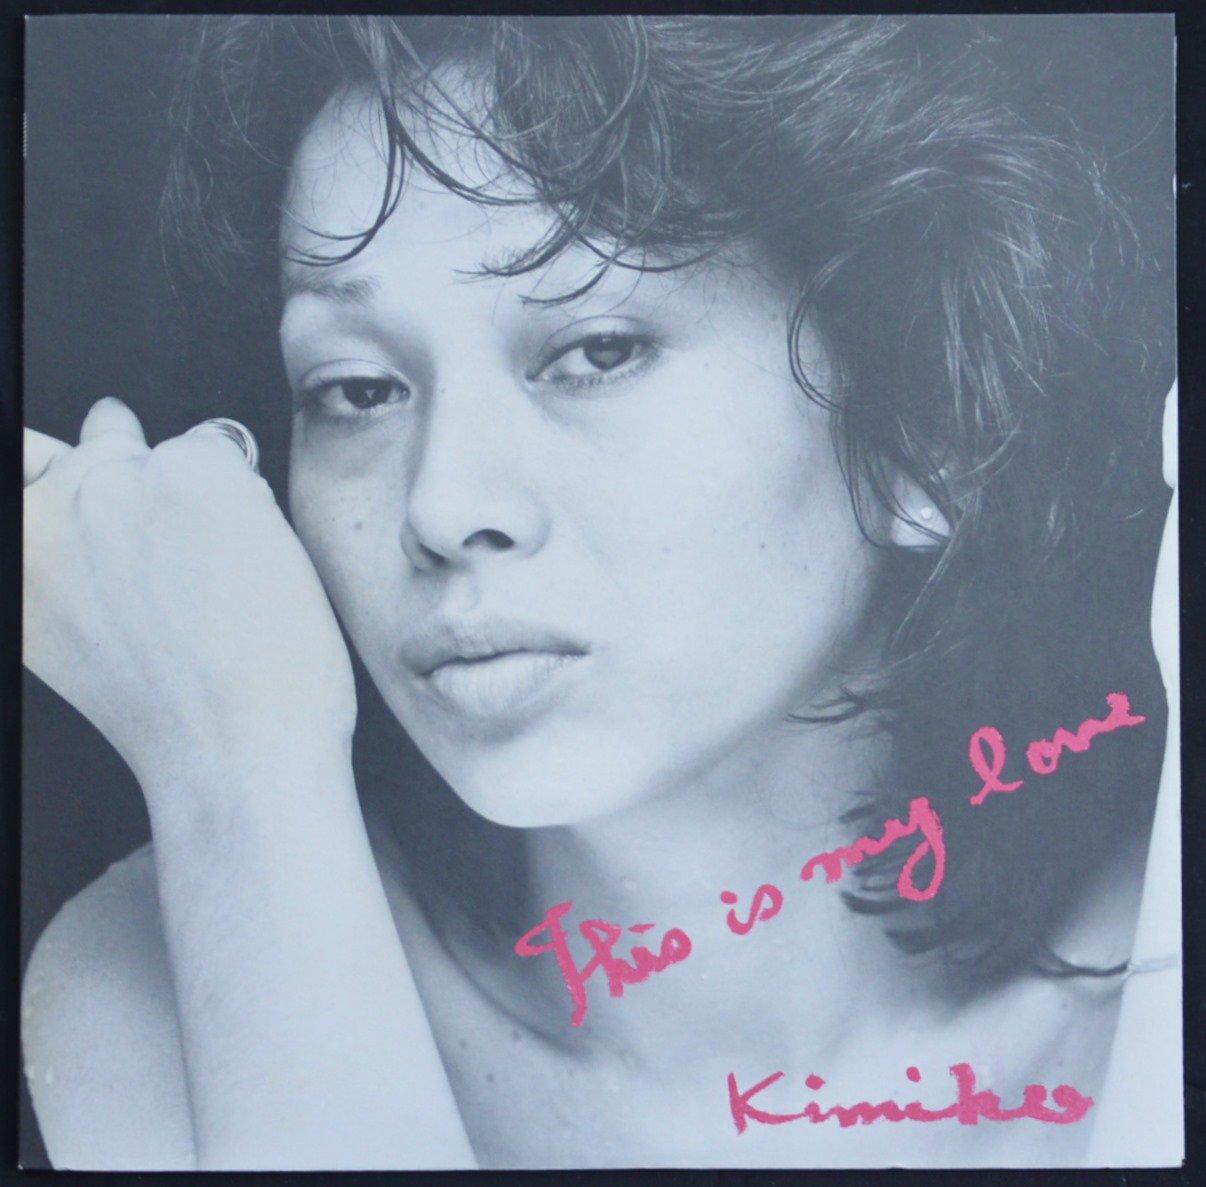 笠井紀美子 KIMIKO KASAI  / マイ・ラヴ THIS IS MY LOVE (LP)